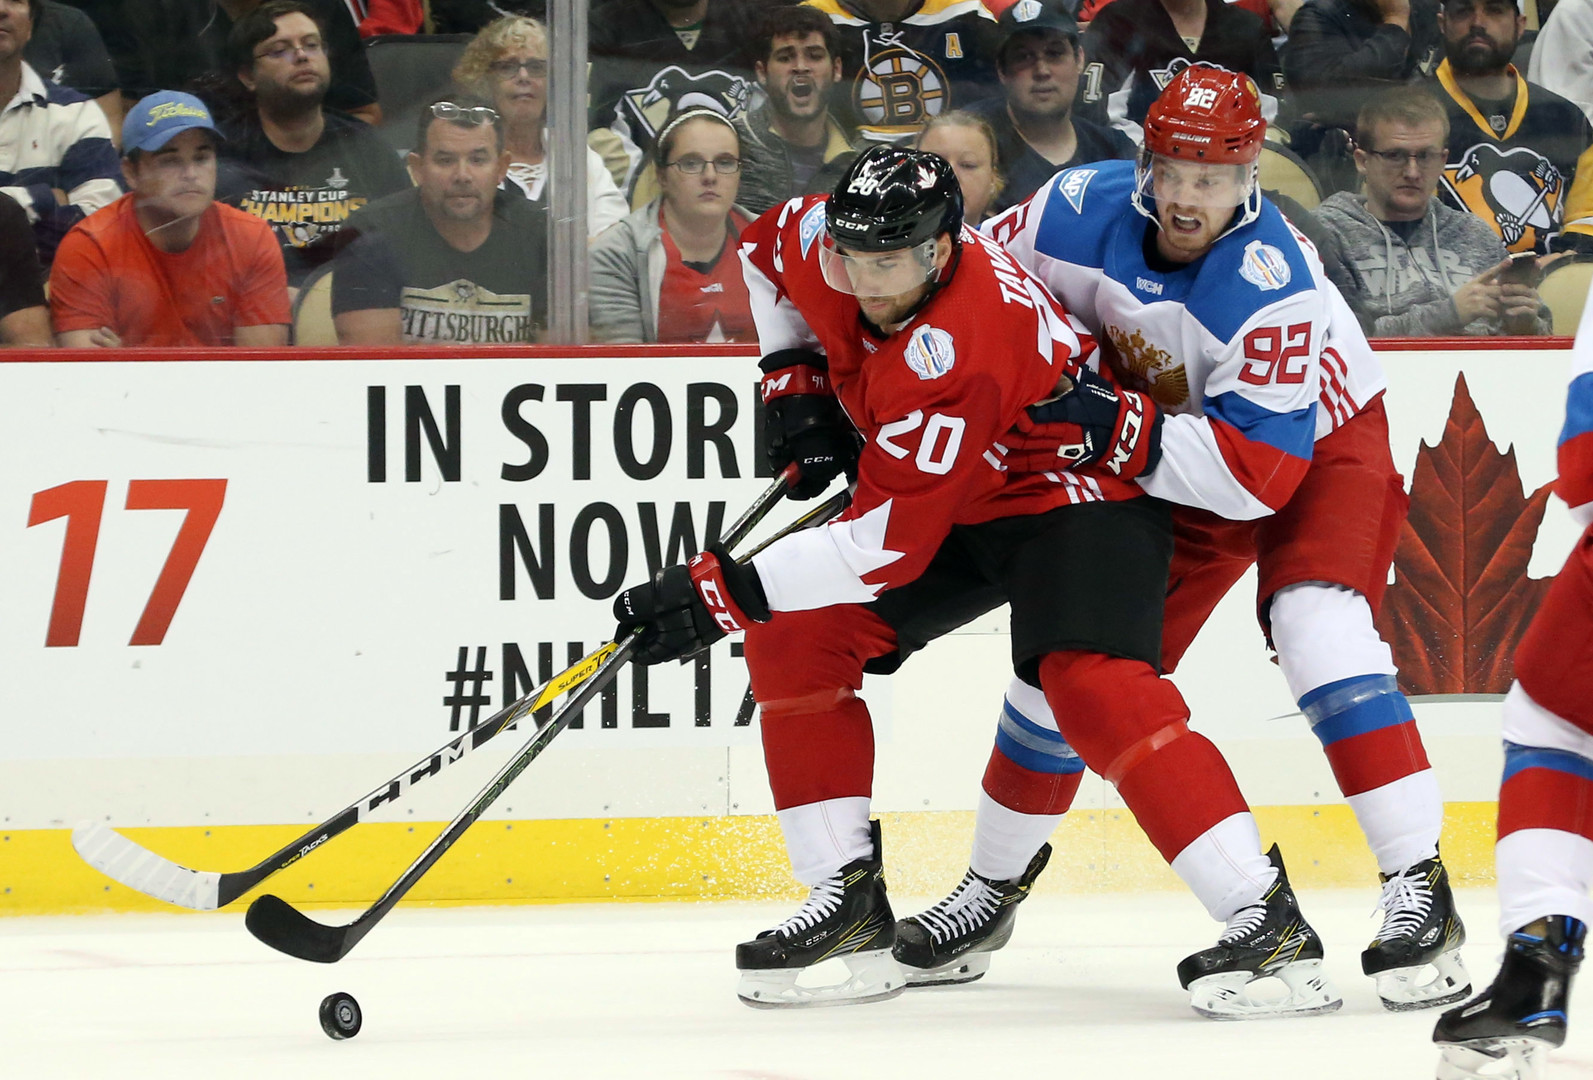 Российские хоккеисты уступили канадцам накануне Кубка мира